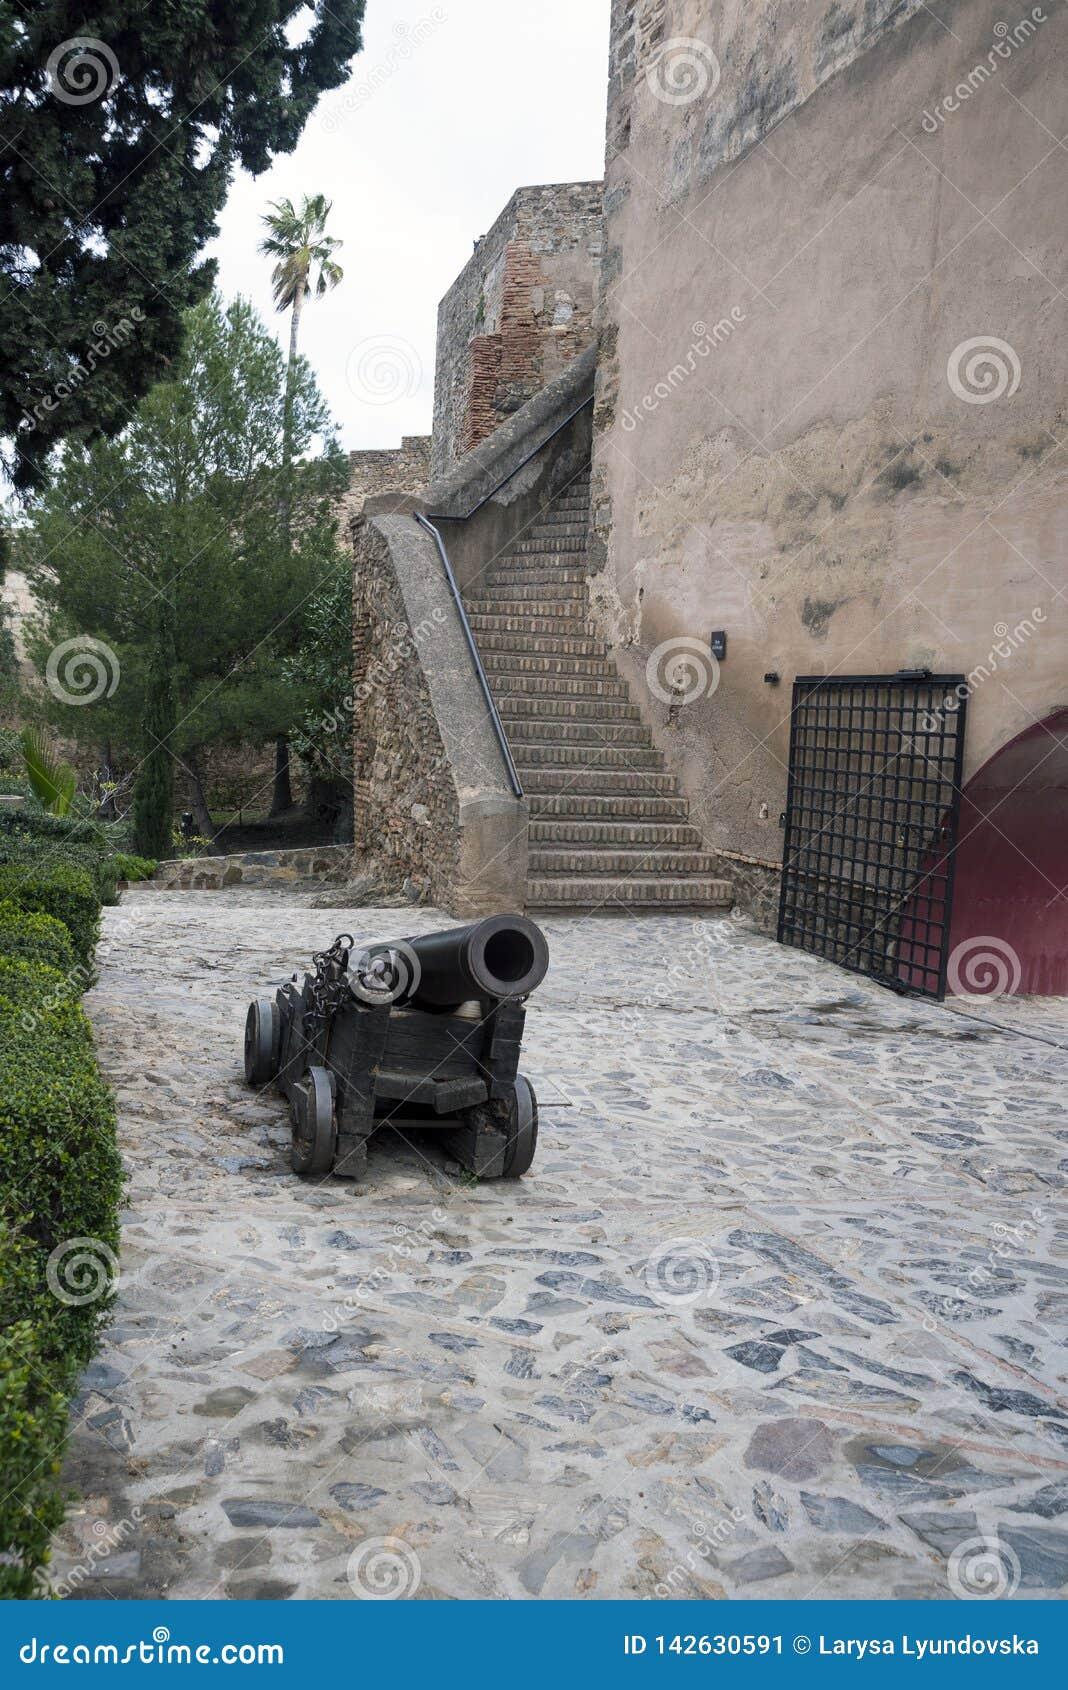 Malaga, Hiszpania, Luty 2019 Stary schody wewn?trzny podw?rze z starym dzia?em i antyczne kamienne ?ciany arab f,